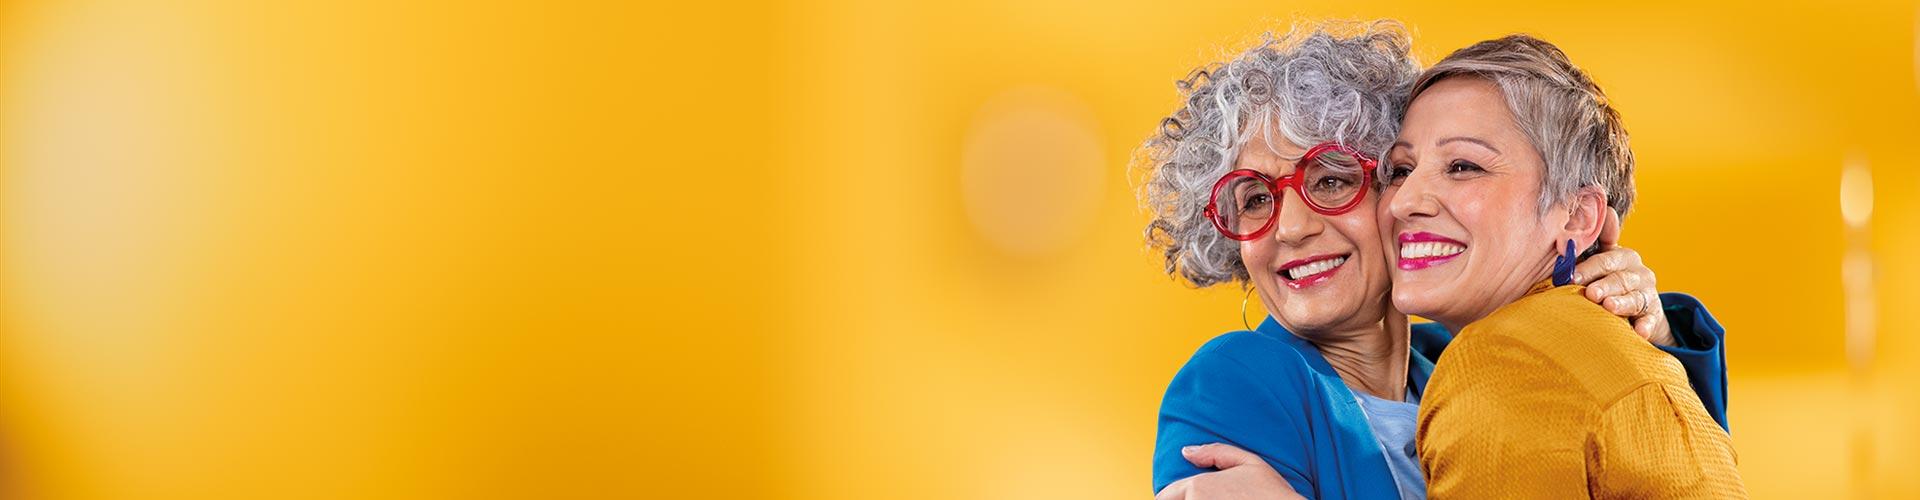 Zwei Frauen mittleren Alters umarmen sich gegenseitig. Eine trägt nahezu unsichtbare Philips HearLink Im-Ohr Hörgeräte.